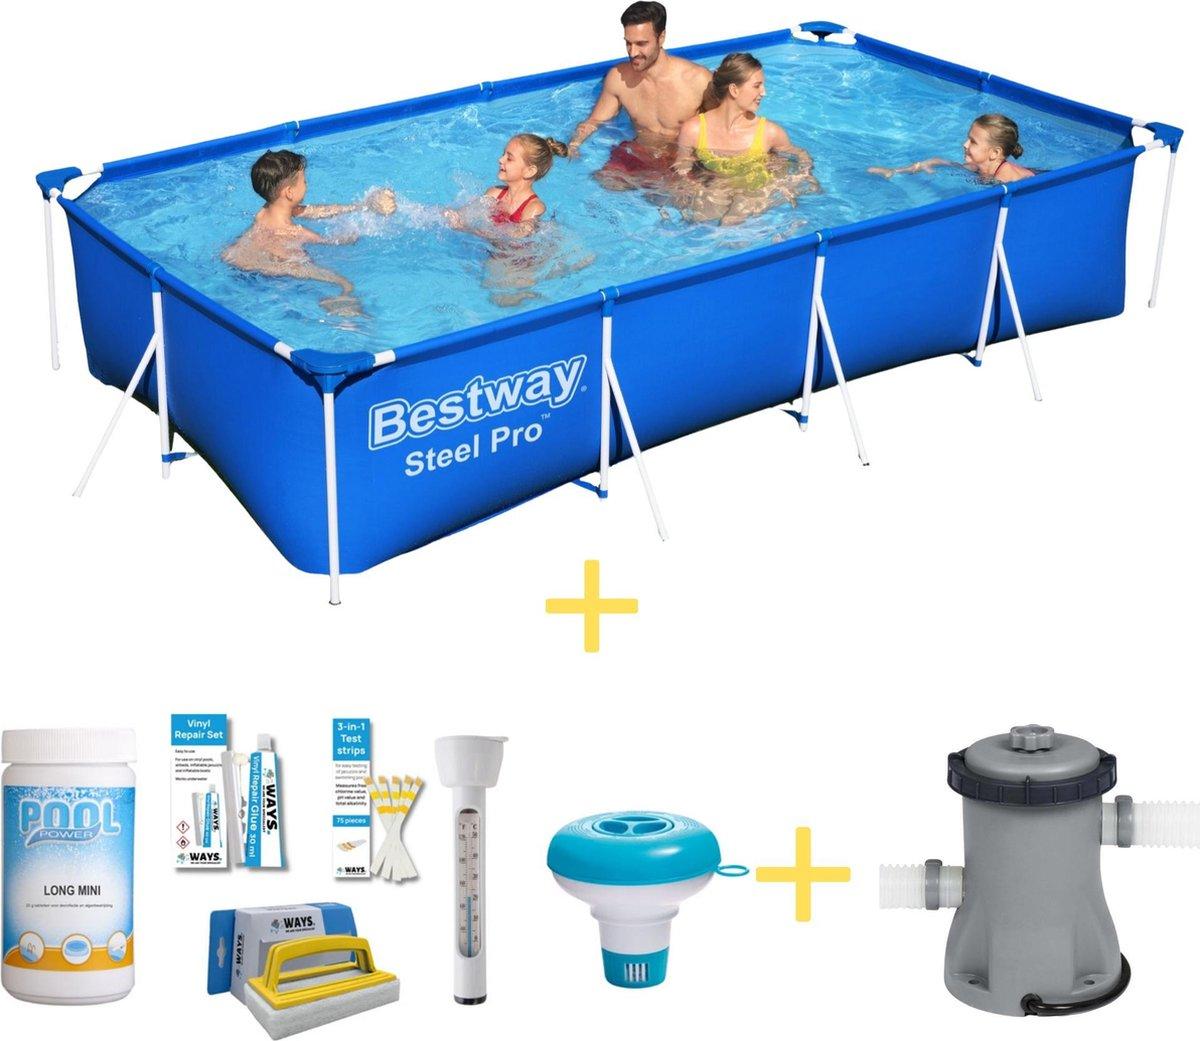 Bestway Zwembad - Steel Pro - 400 x 211 x 81 cm - Inclusief WAYS Onderhoudspakket & Filterpomp